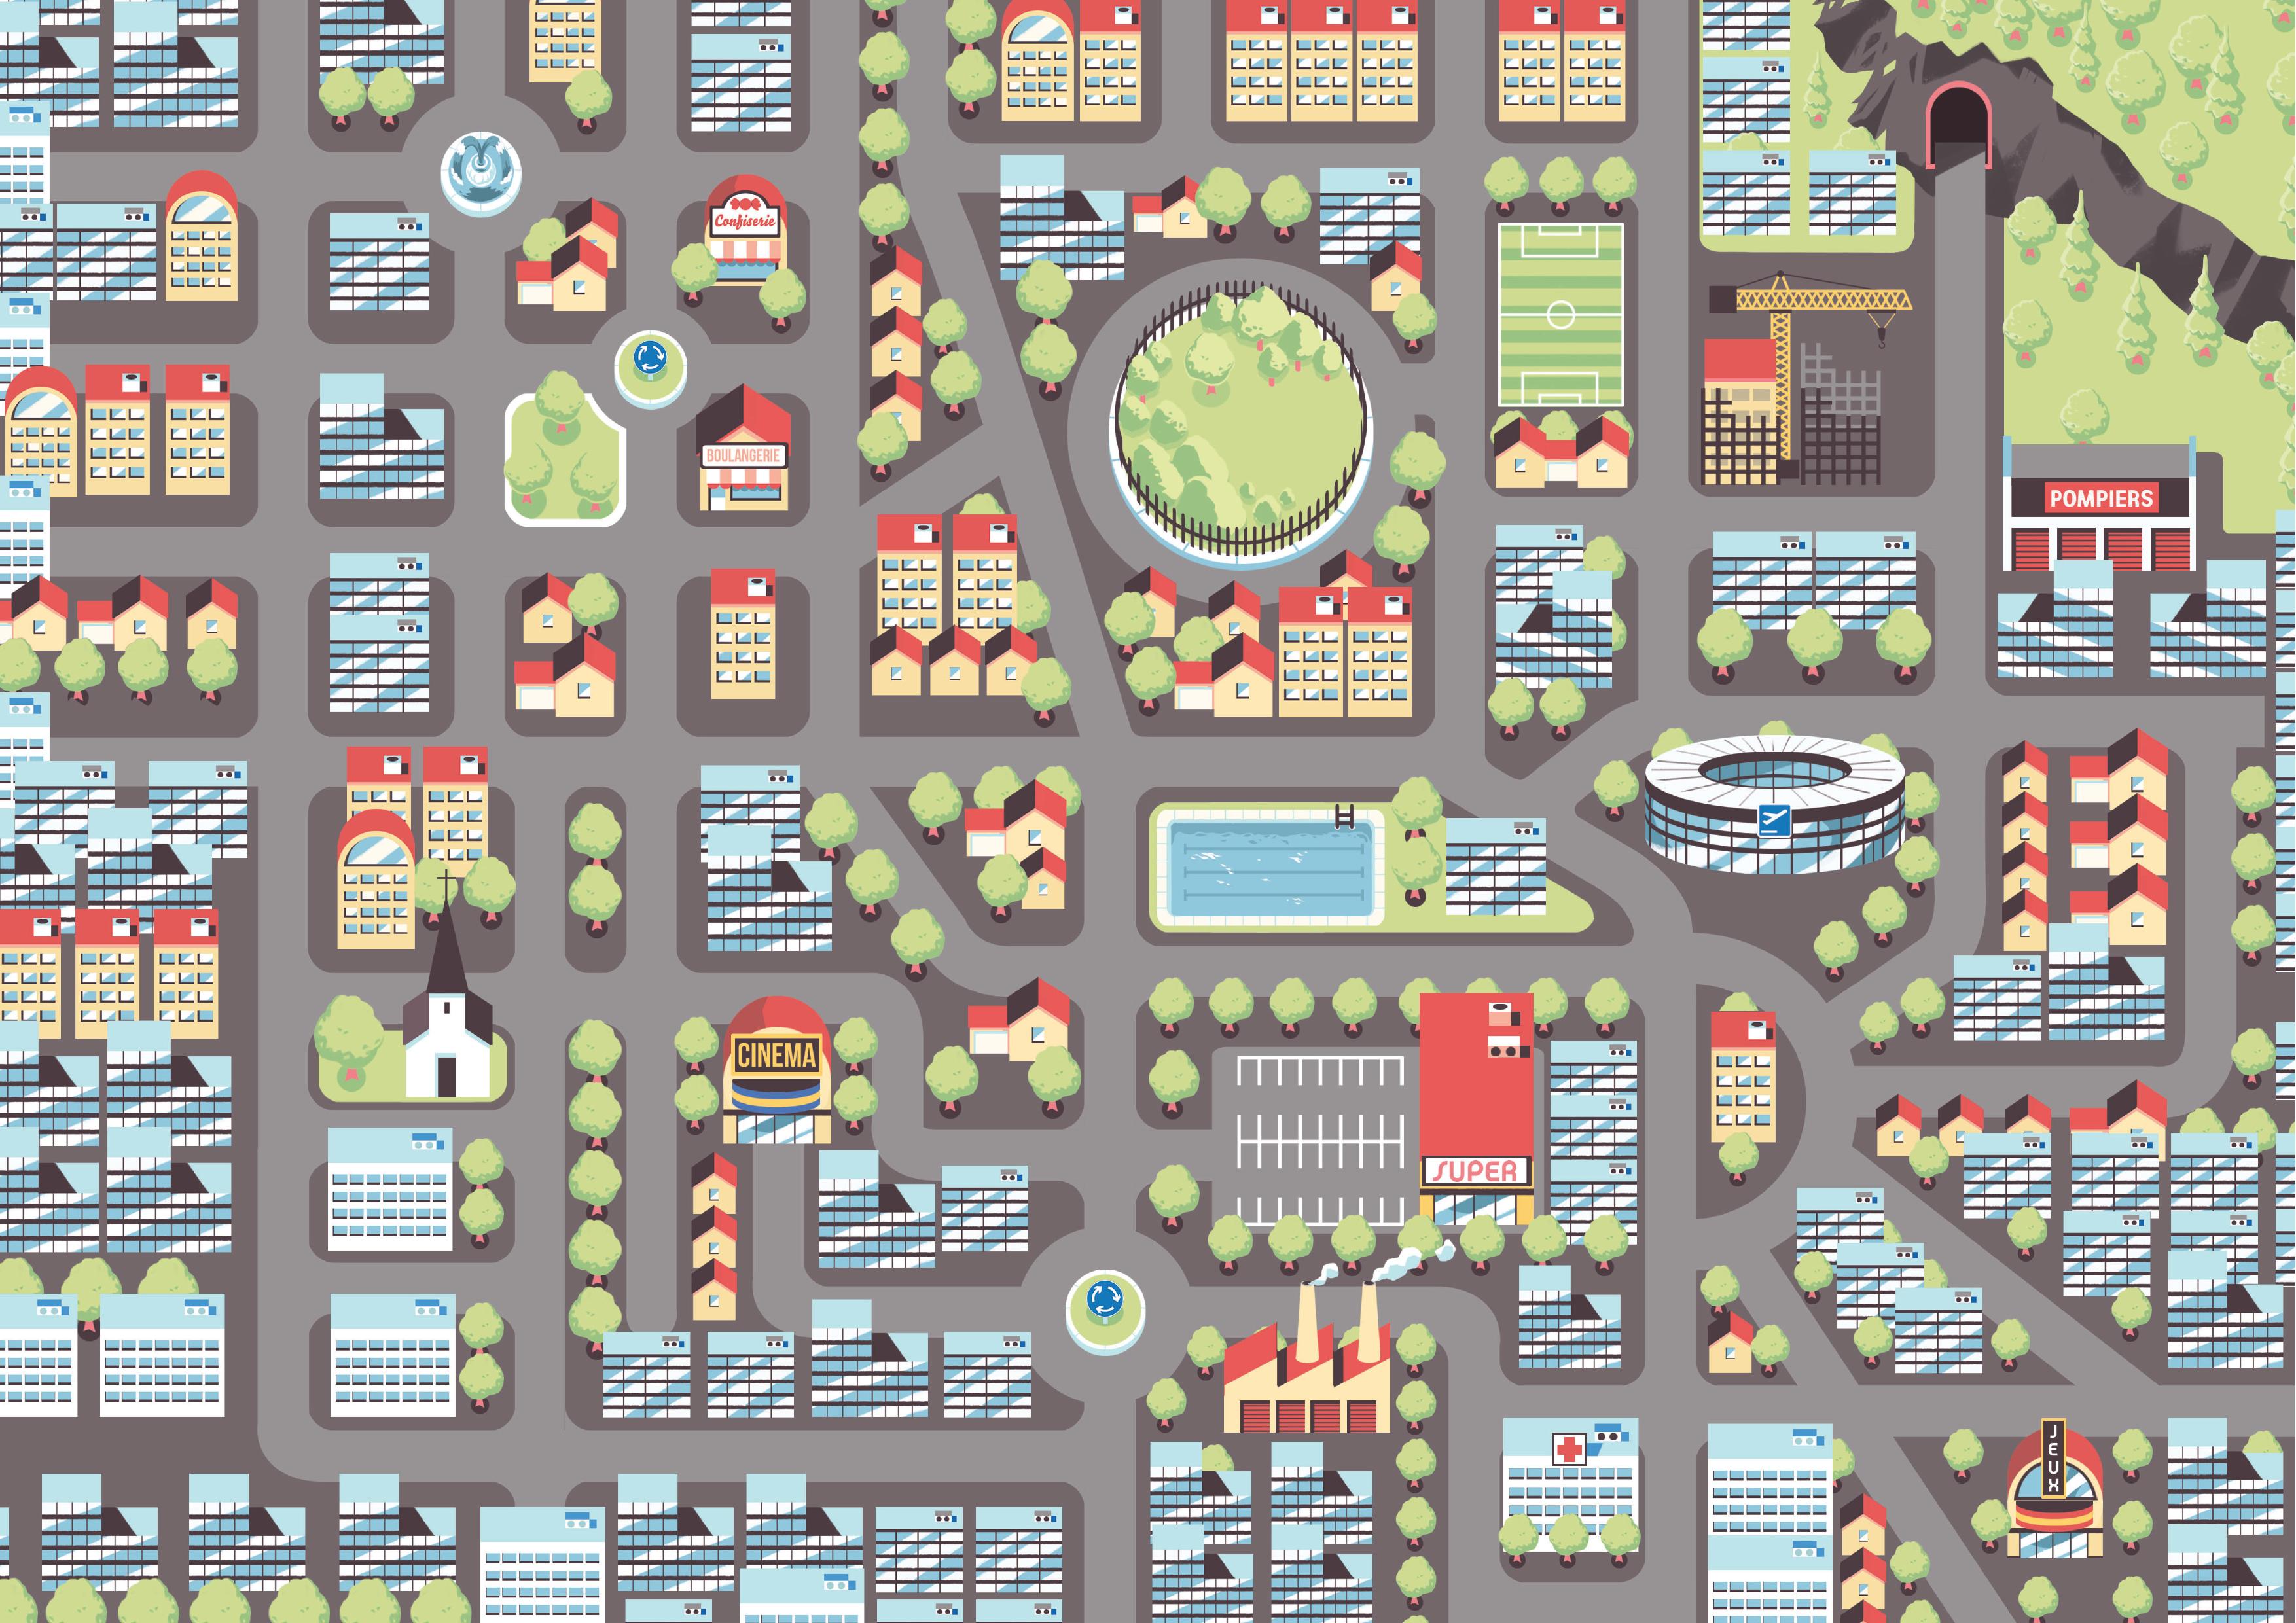 La carte de la ville